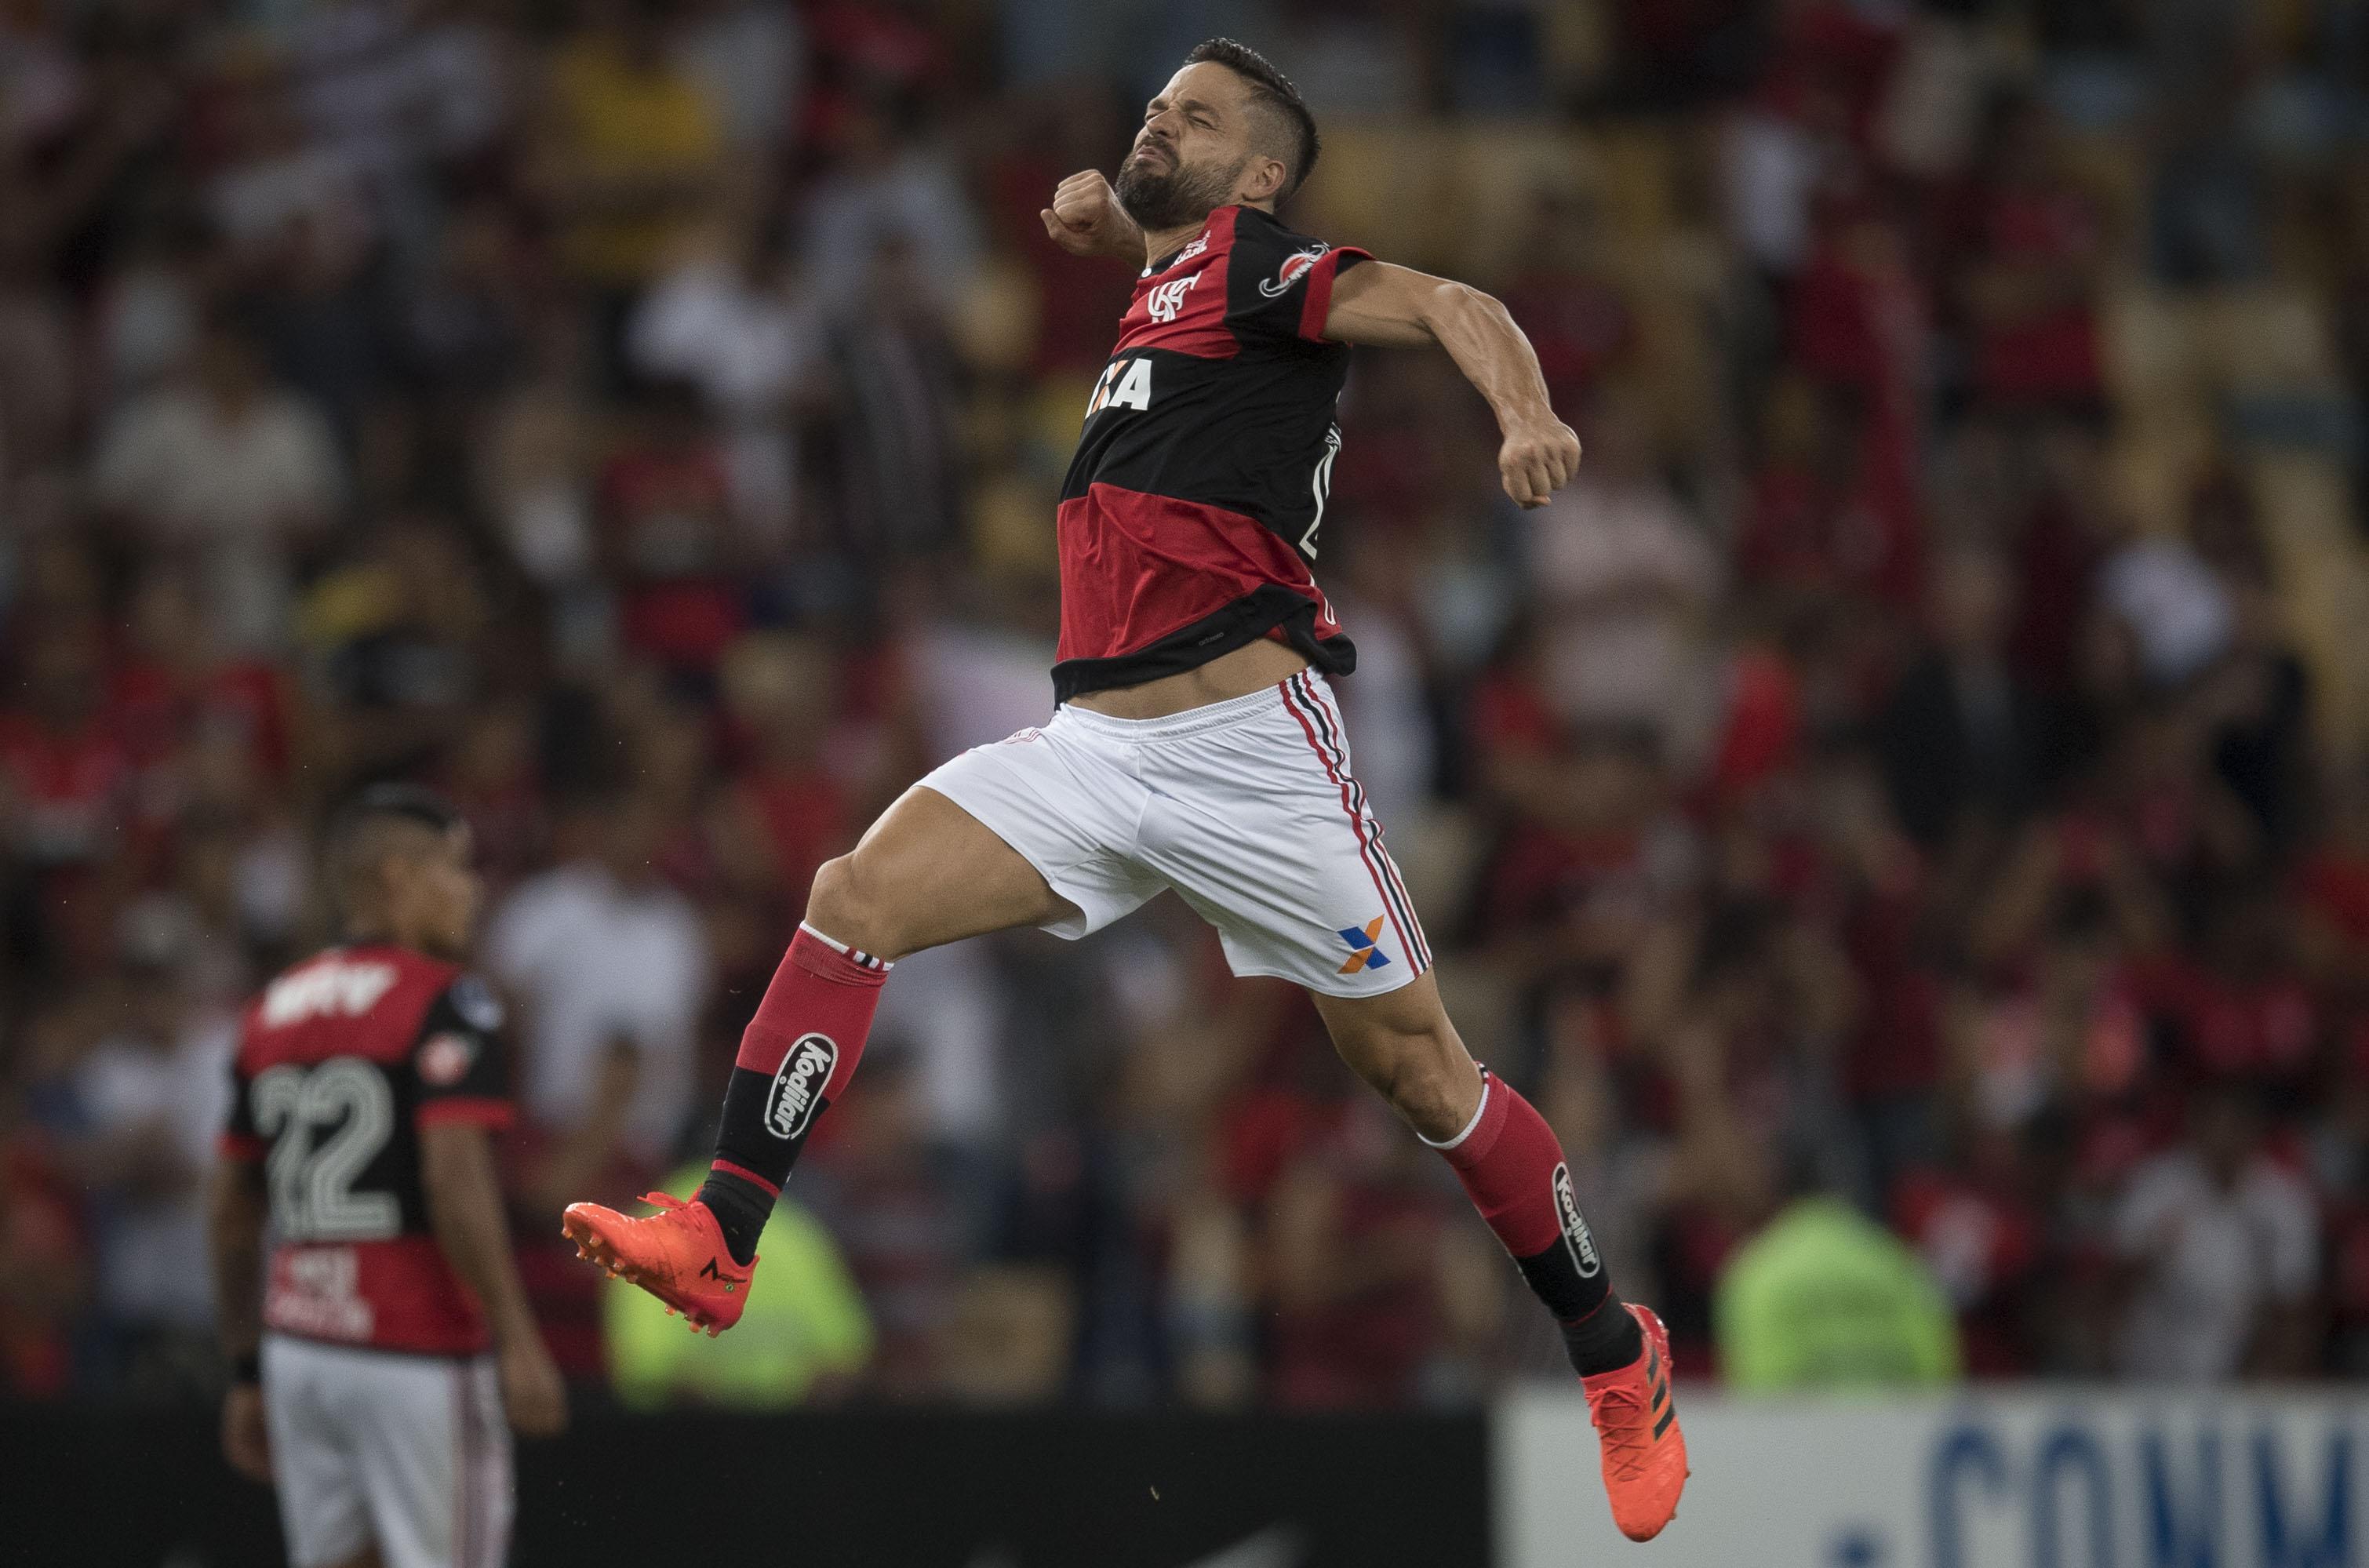 Diego - Flamengo